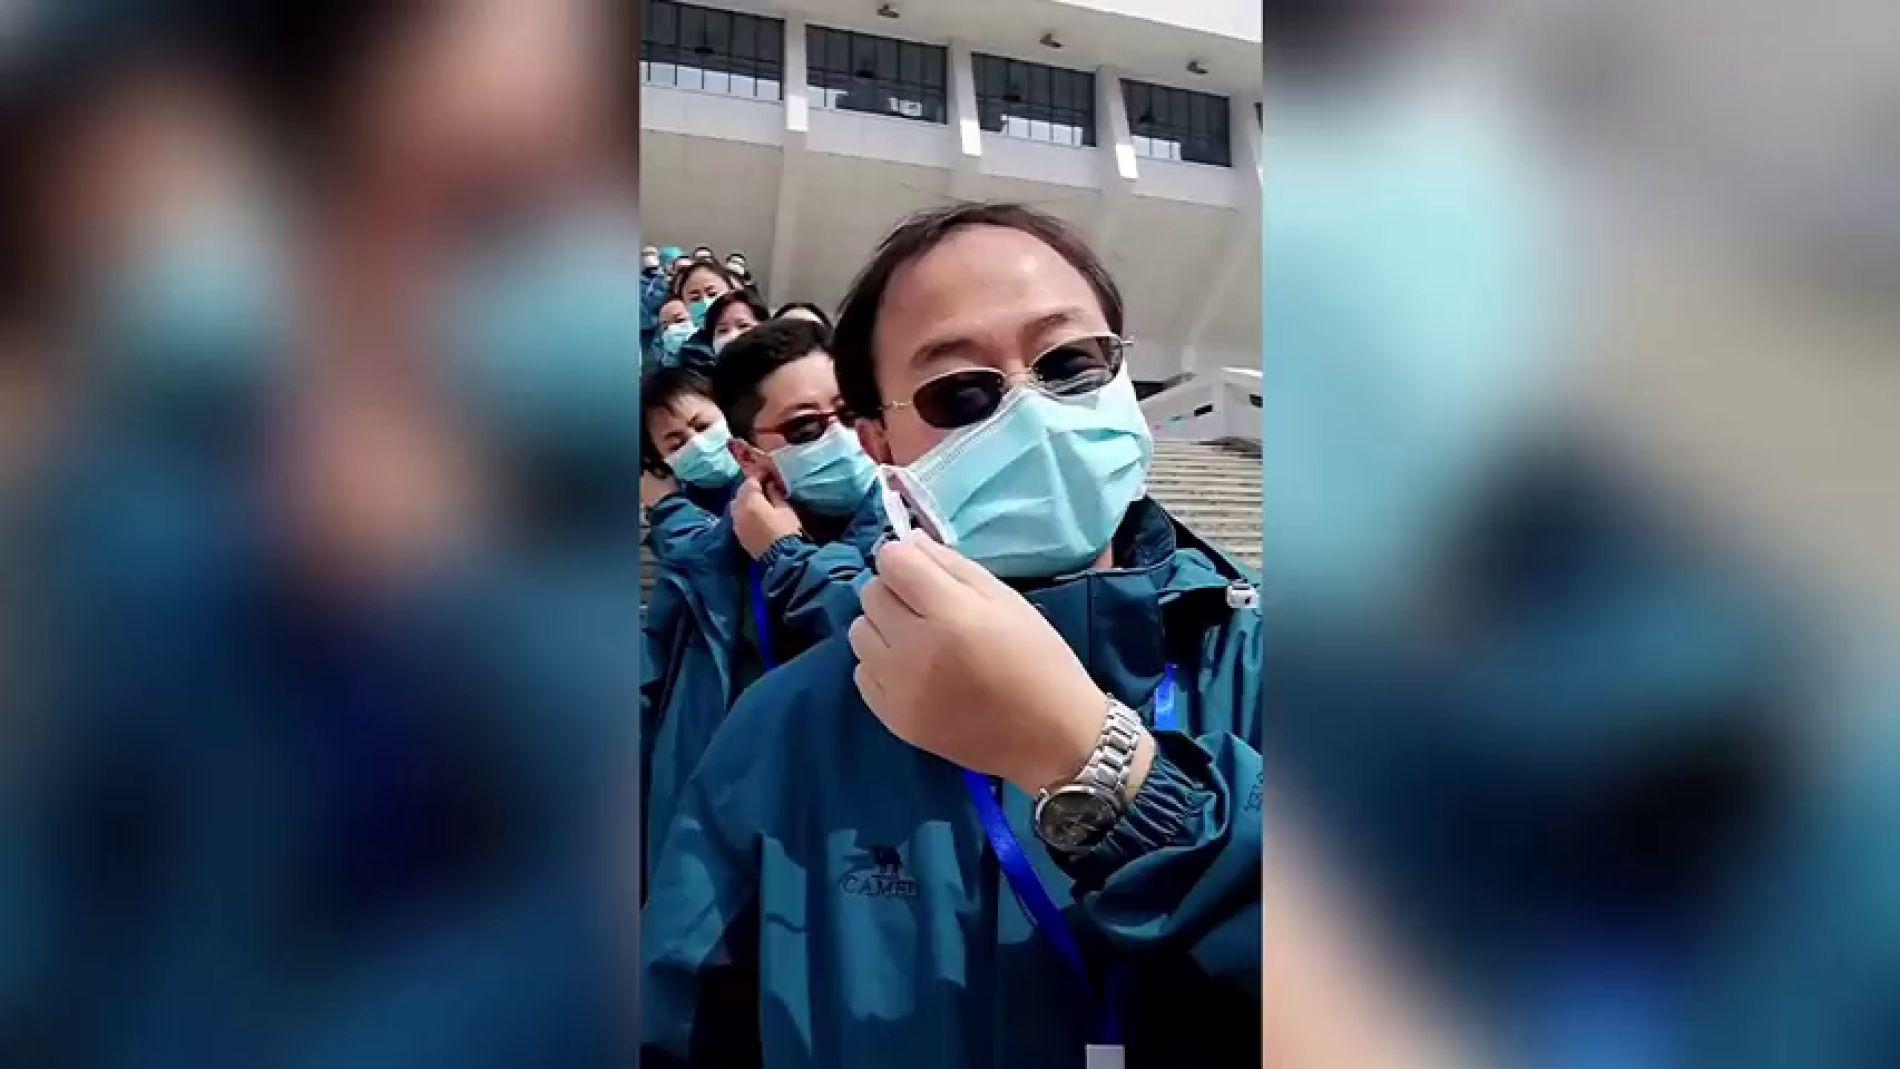 Hay esperanza frente al coronavirus: así celebran sanitarios de Wuhan el cierre de los hospitales provisionales